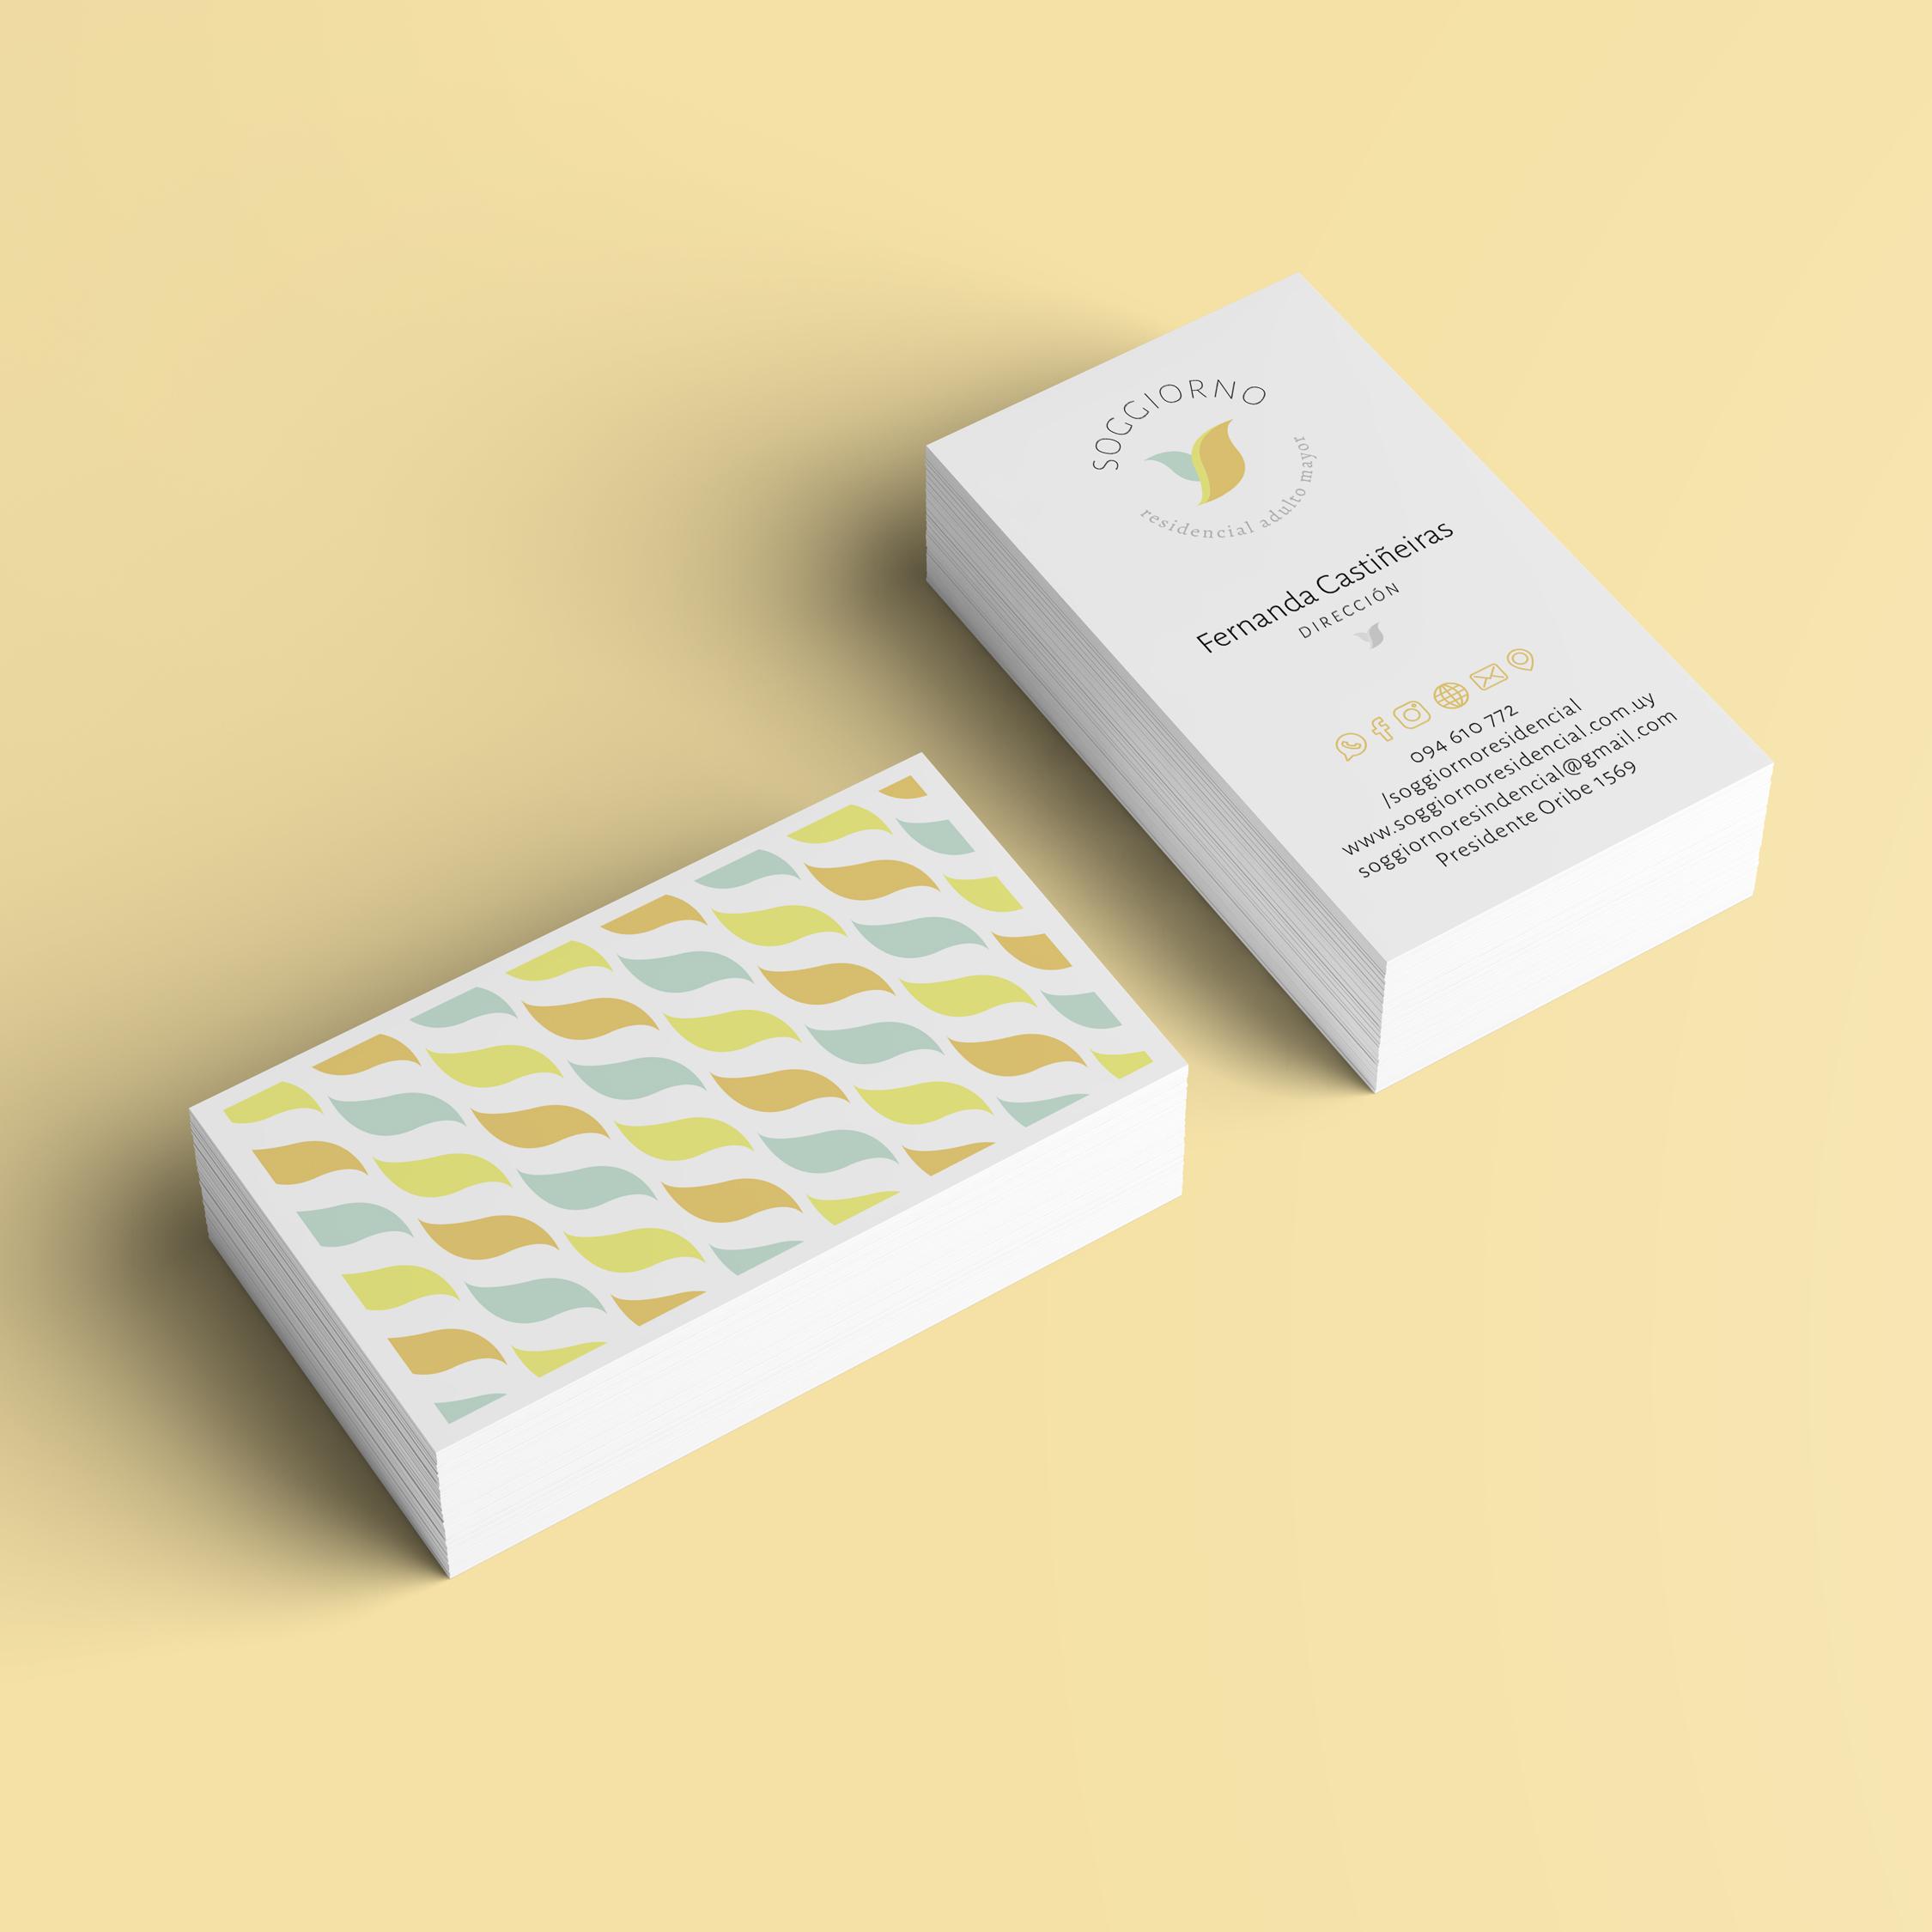 tarjetas-personales-soggiorno_edited